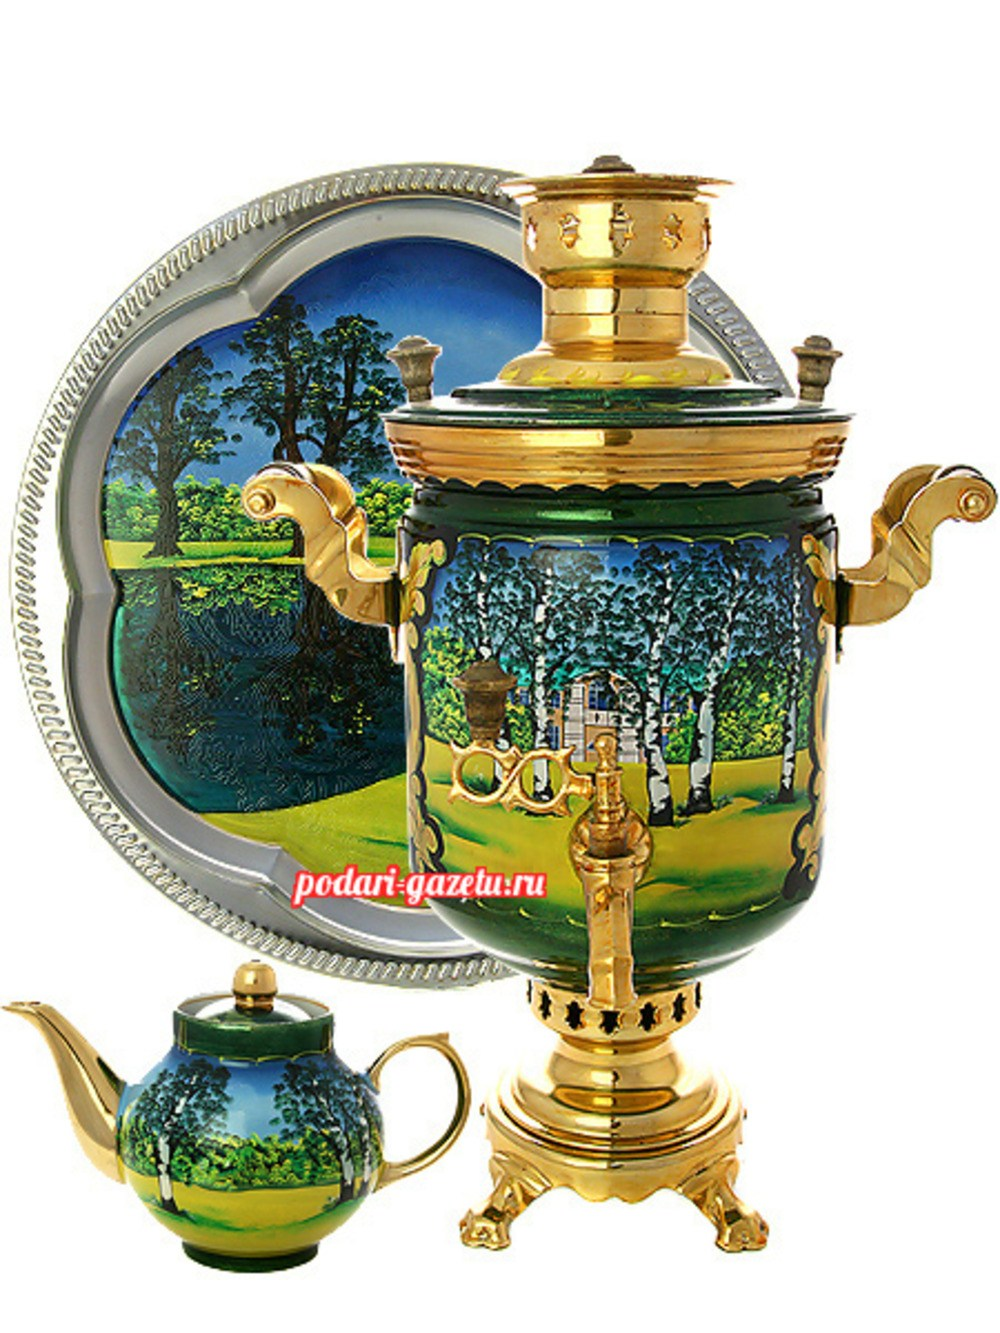 Набор: угольный самовар (жаровый, дровяной) на 5 литров цилиндр с художественной росписью Ясная поляна